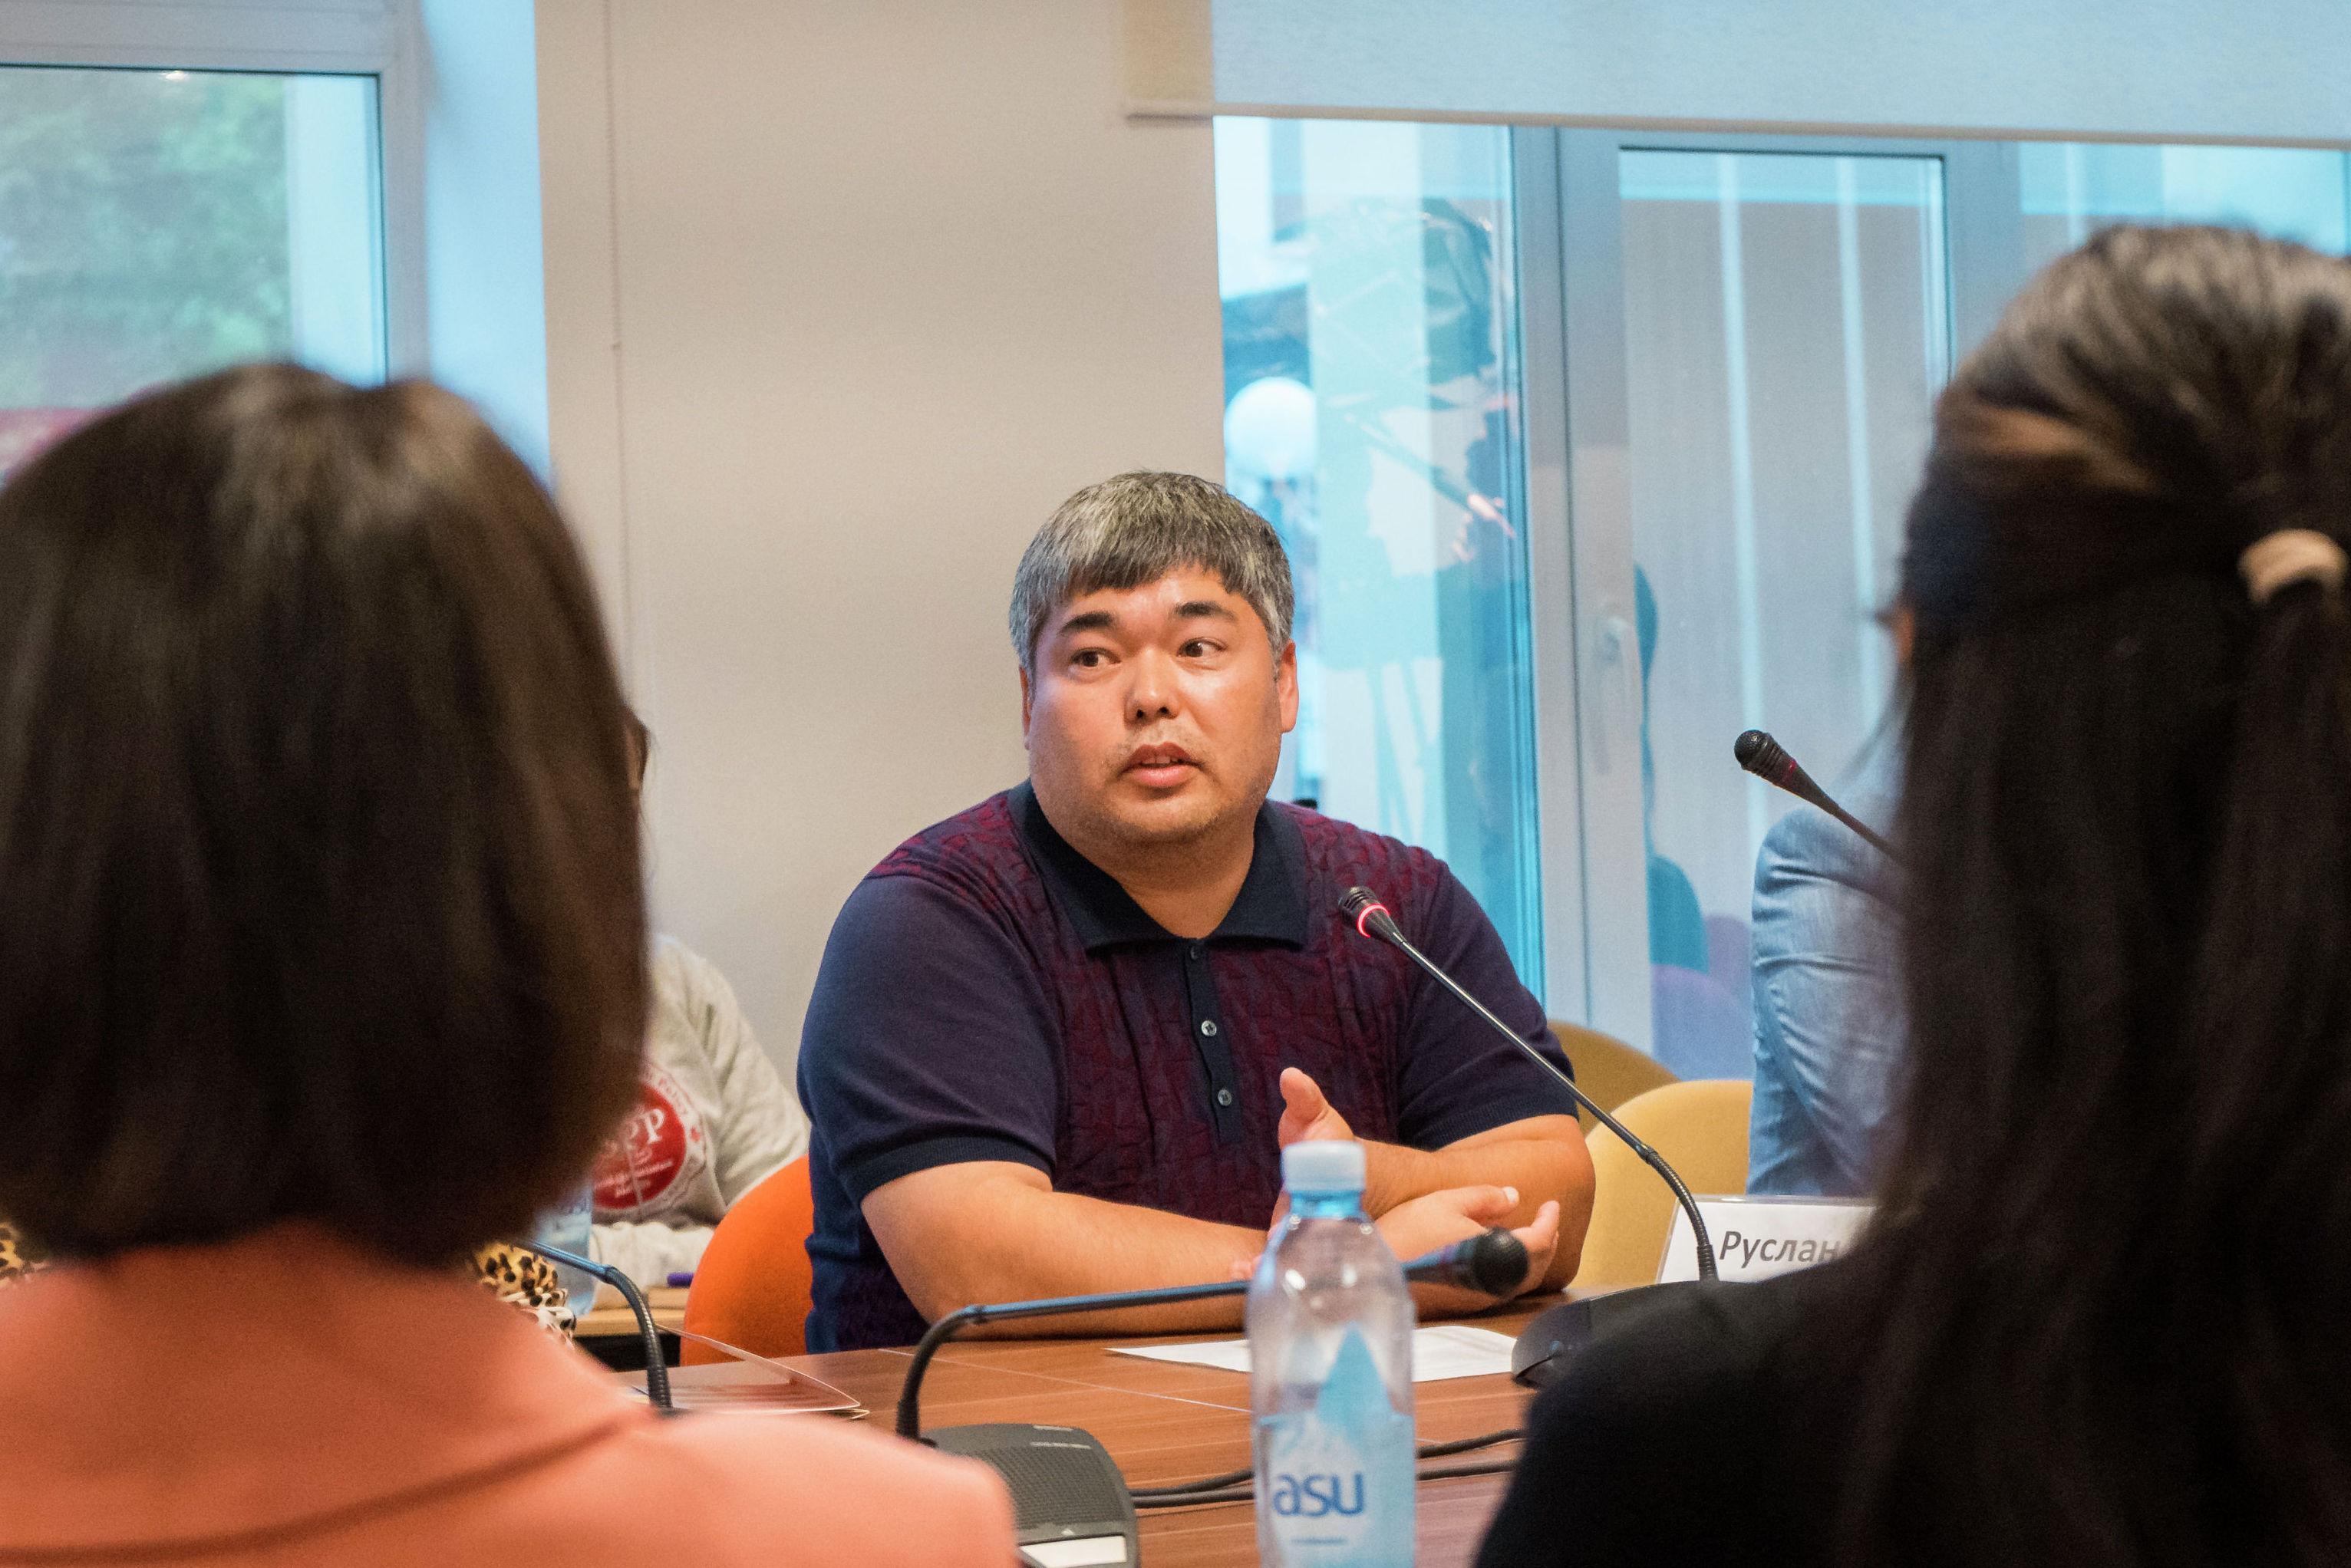 Основатель фонда Аутизм. Доступная среда, заместитель председателя общественного объединения Союз отцов Казахстана Руслан Казыбаев